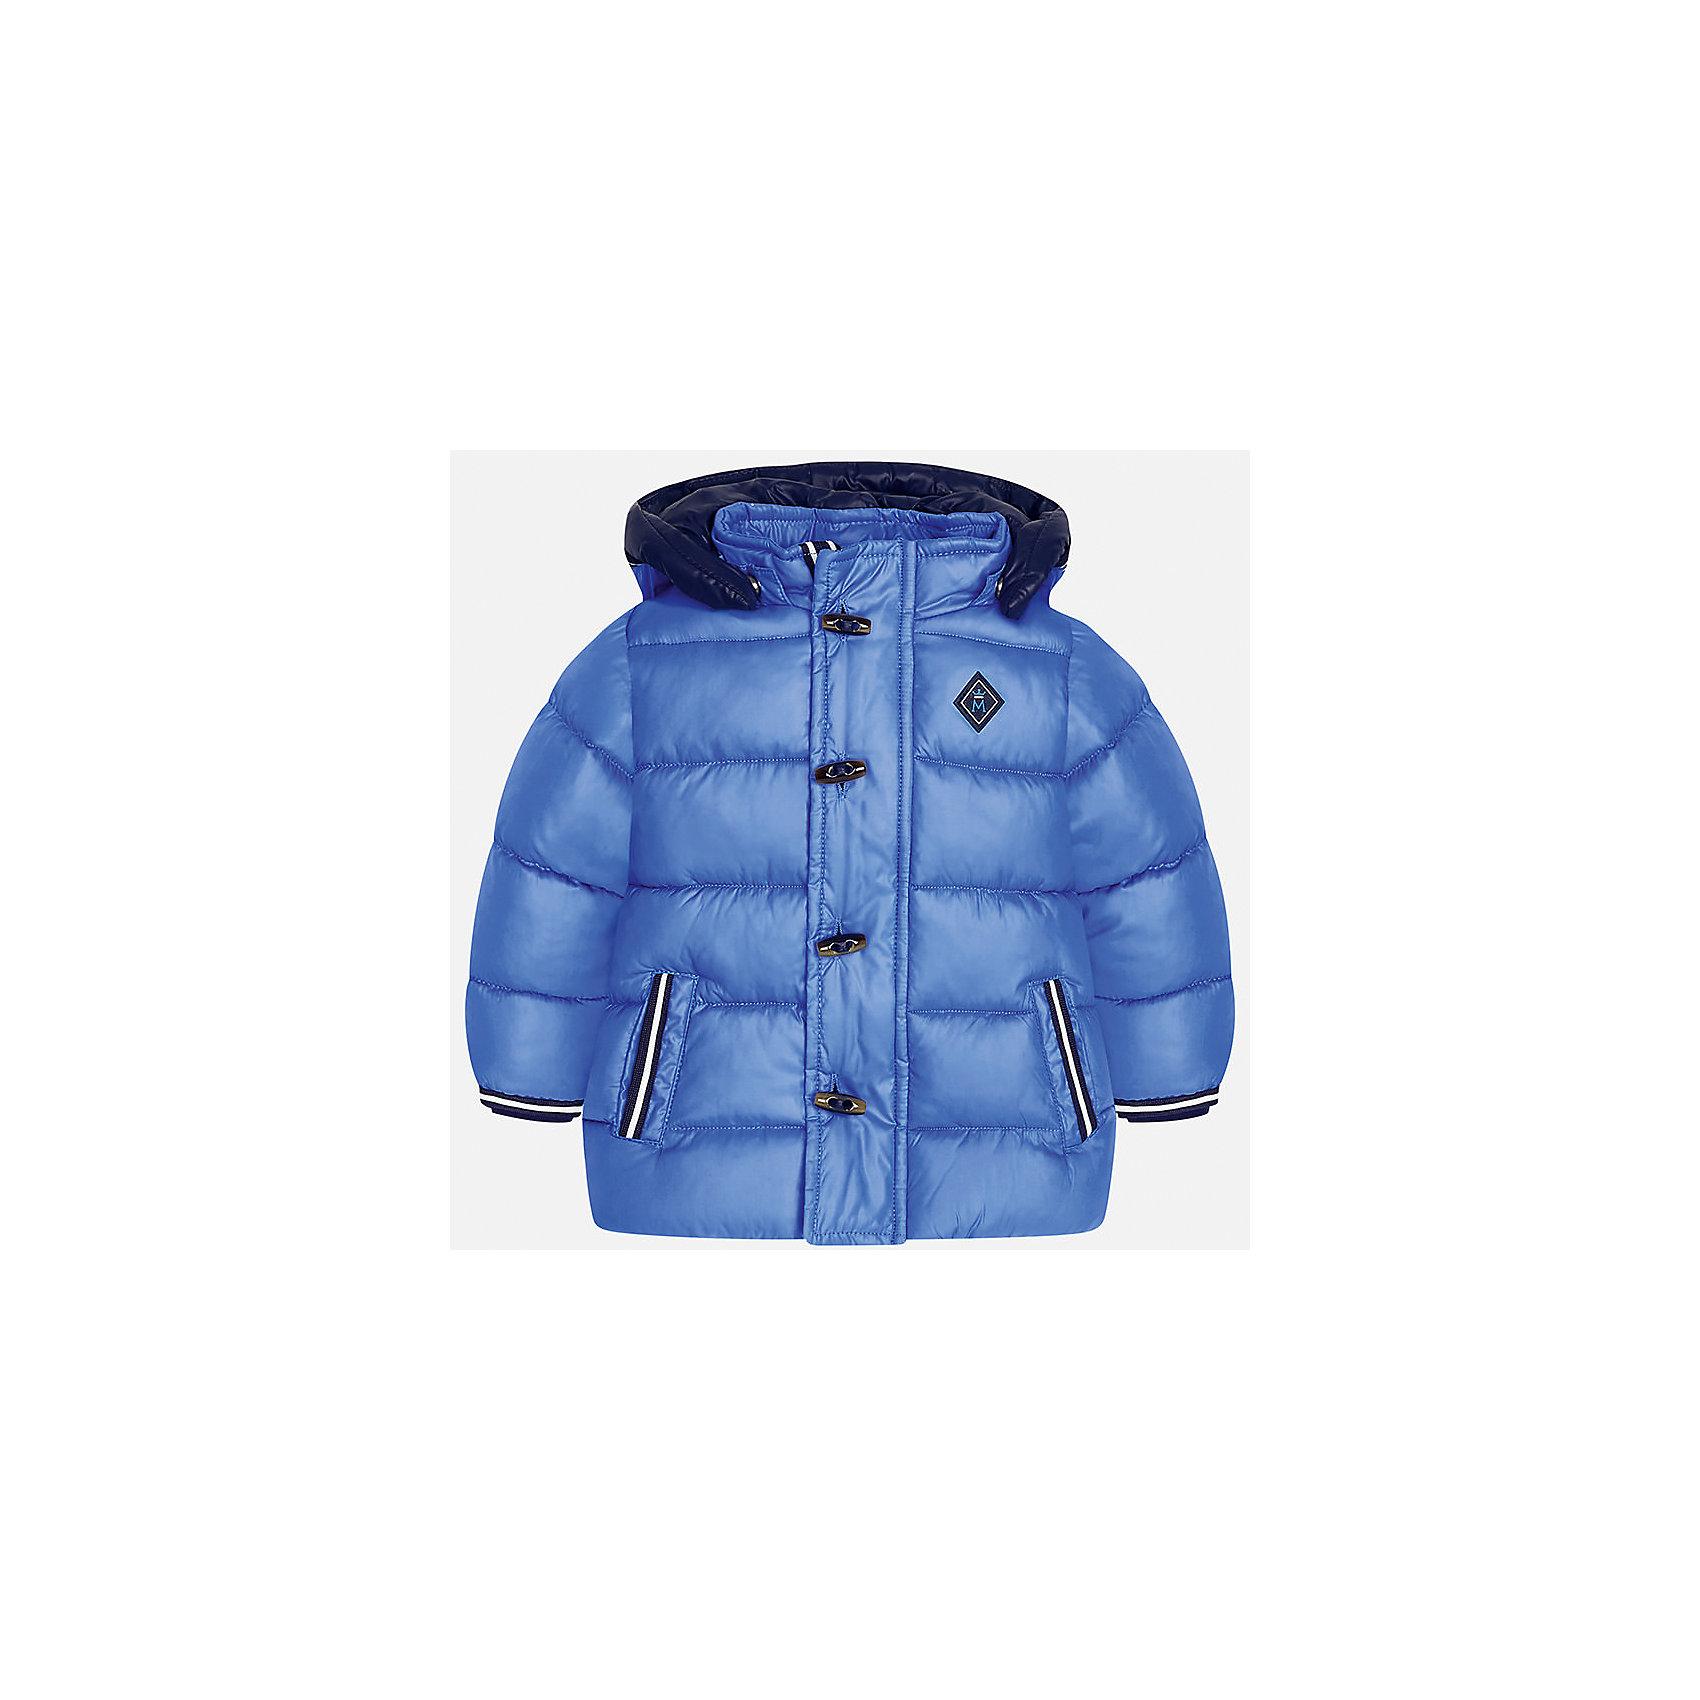 Куртка для мальчика MayoralВерхняя одежда<br>Характеристики товара:<br><br>• цвет: голубой<br>• состав ткани: 100% полиэстер<br>• подкладка: 100% полиэстер<br>• утеплитель: 100% полиэстер<br>• сезон: демисезон<br>• температурный режим: от -10 до +10<br>• особенности модели: с капюшоном, дутая<br>• капюшон: съемный<br>• застежка: молния, пуговицы<br>• страна бренда: Испания<br>• страна изготовитель: Индия<br><br>Модная детская куртка сделана из легкого, но теплого материала. Благодаря качественной ткани детской куртки для мальчика создаются комфортные условия для тела. Эта куртка для мальчика отличается стильным продуманным дизайном.<br><br>Куртку для мальчика Mayoral (Майорал) можно купить в нашем интернет-магазине.<br><br>Ширина мм: 356<br>Глубина мм: 10<br>Высота мм: 245<br>Вес г: 519<br>Цвет: голубой<br>Возраст от месяцев: 24<br>Возраст до месяцев: 36<br>Пол: Мужской<br>Возраст: Детский<br>Размер: 98,80,86,92<br>SKU: 6935140